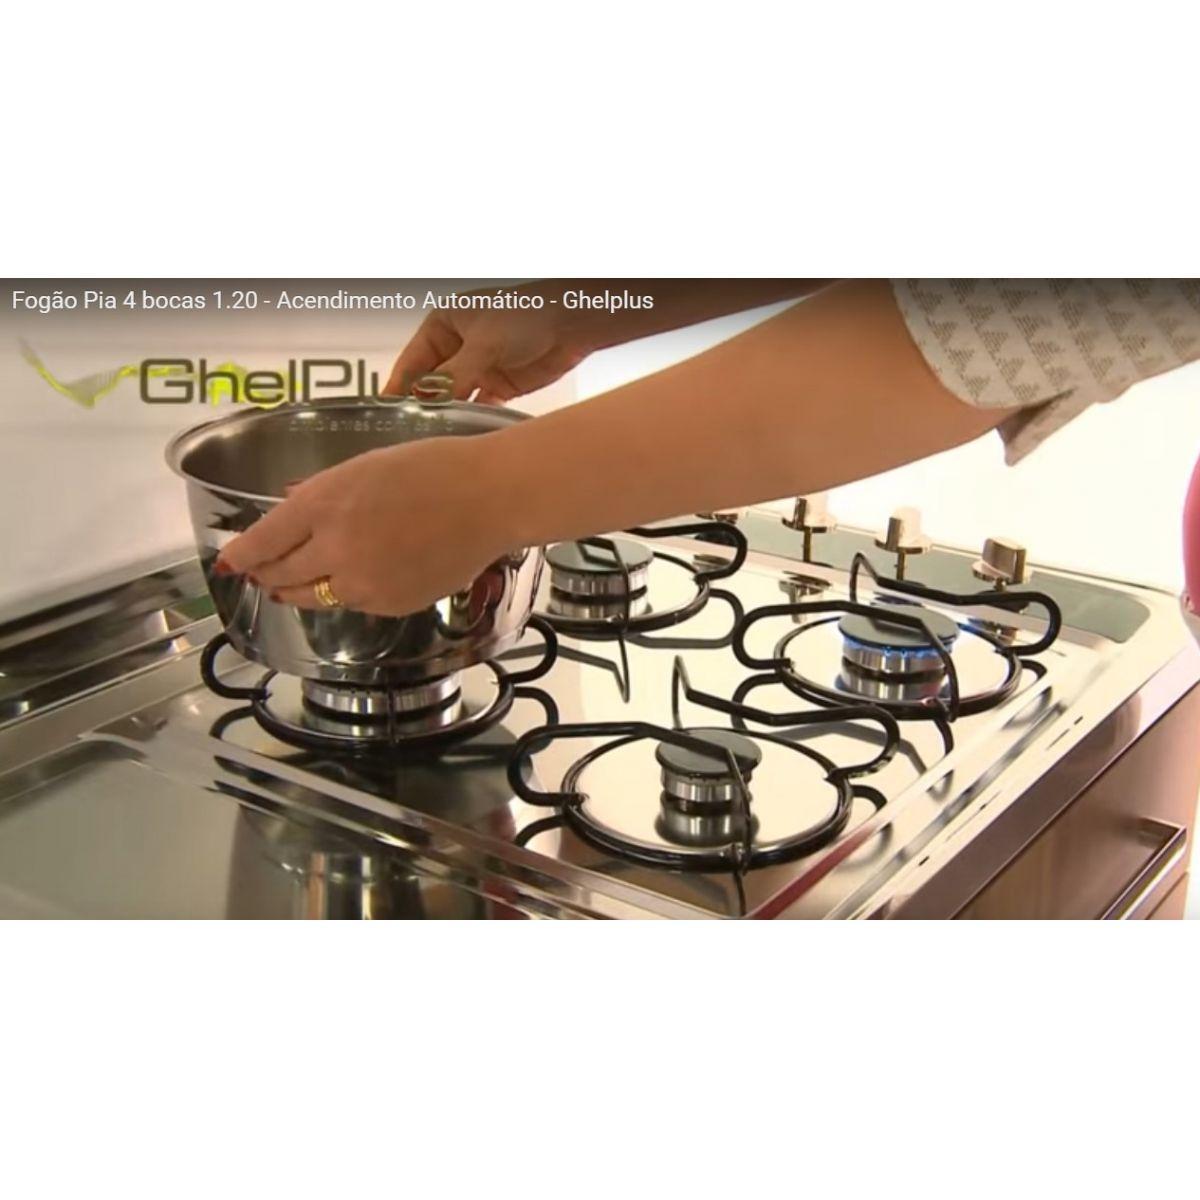 Pia Inox c/fogão 4 Bocas Lado Direito Acendimento Automático